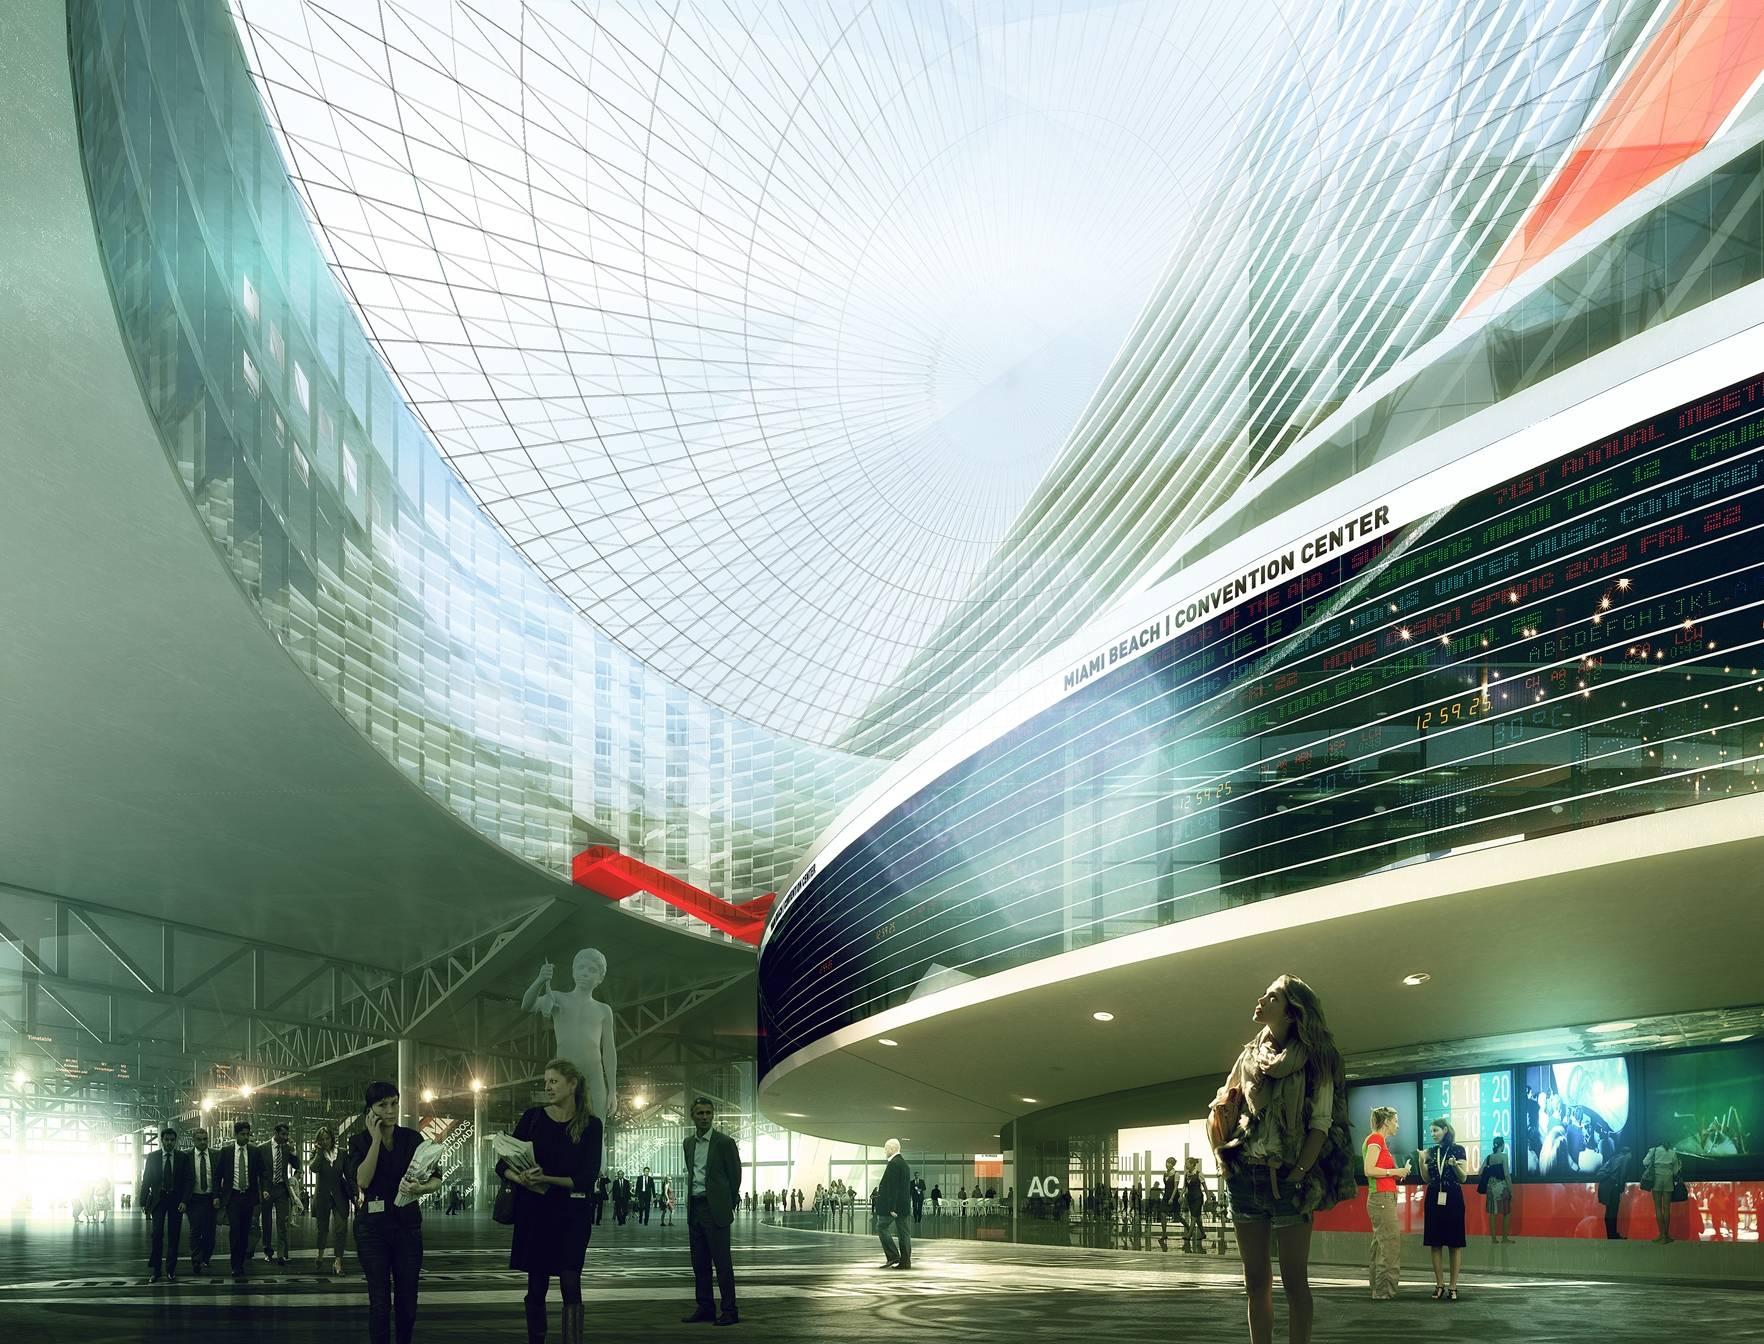 OMA_MBCC_View of concourse atrium_LUXIGON